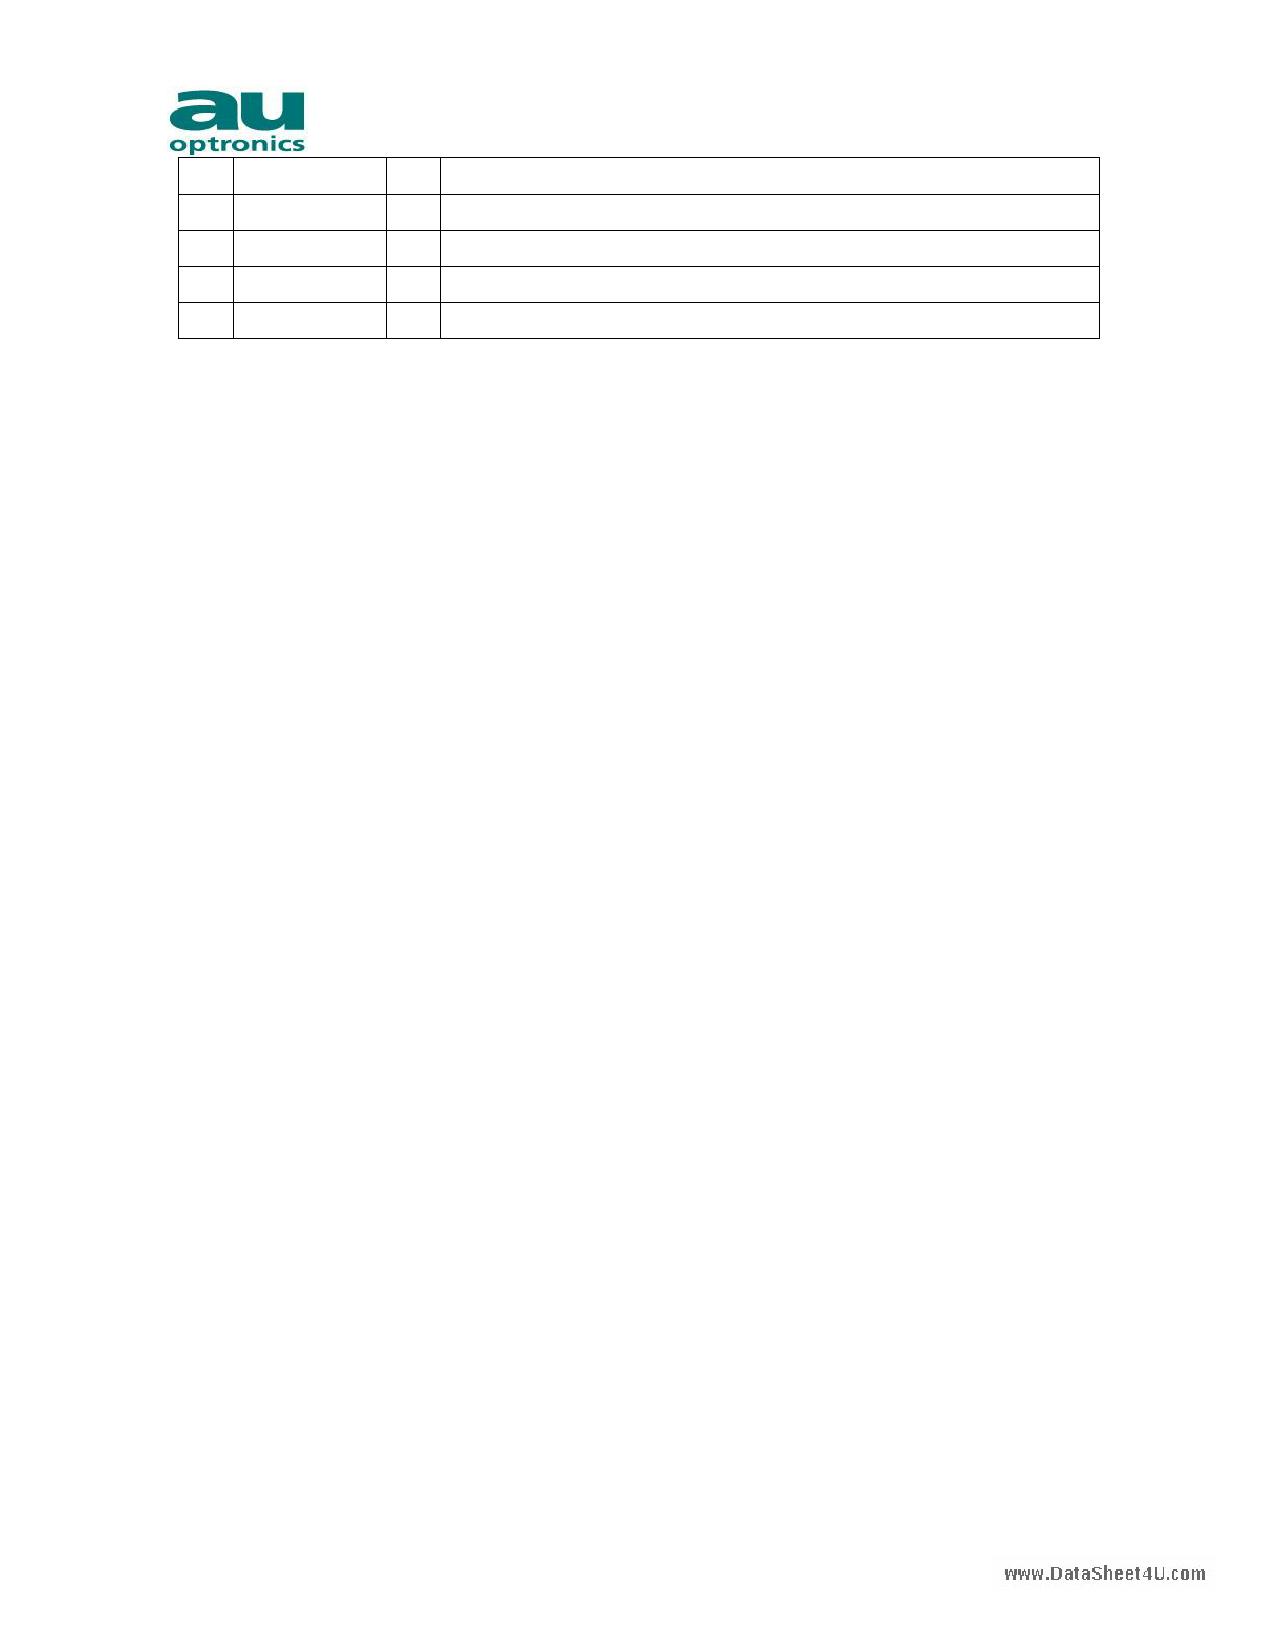 H020HN01 pdf, ピン配列